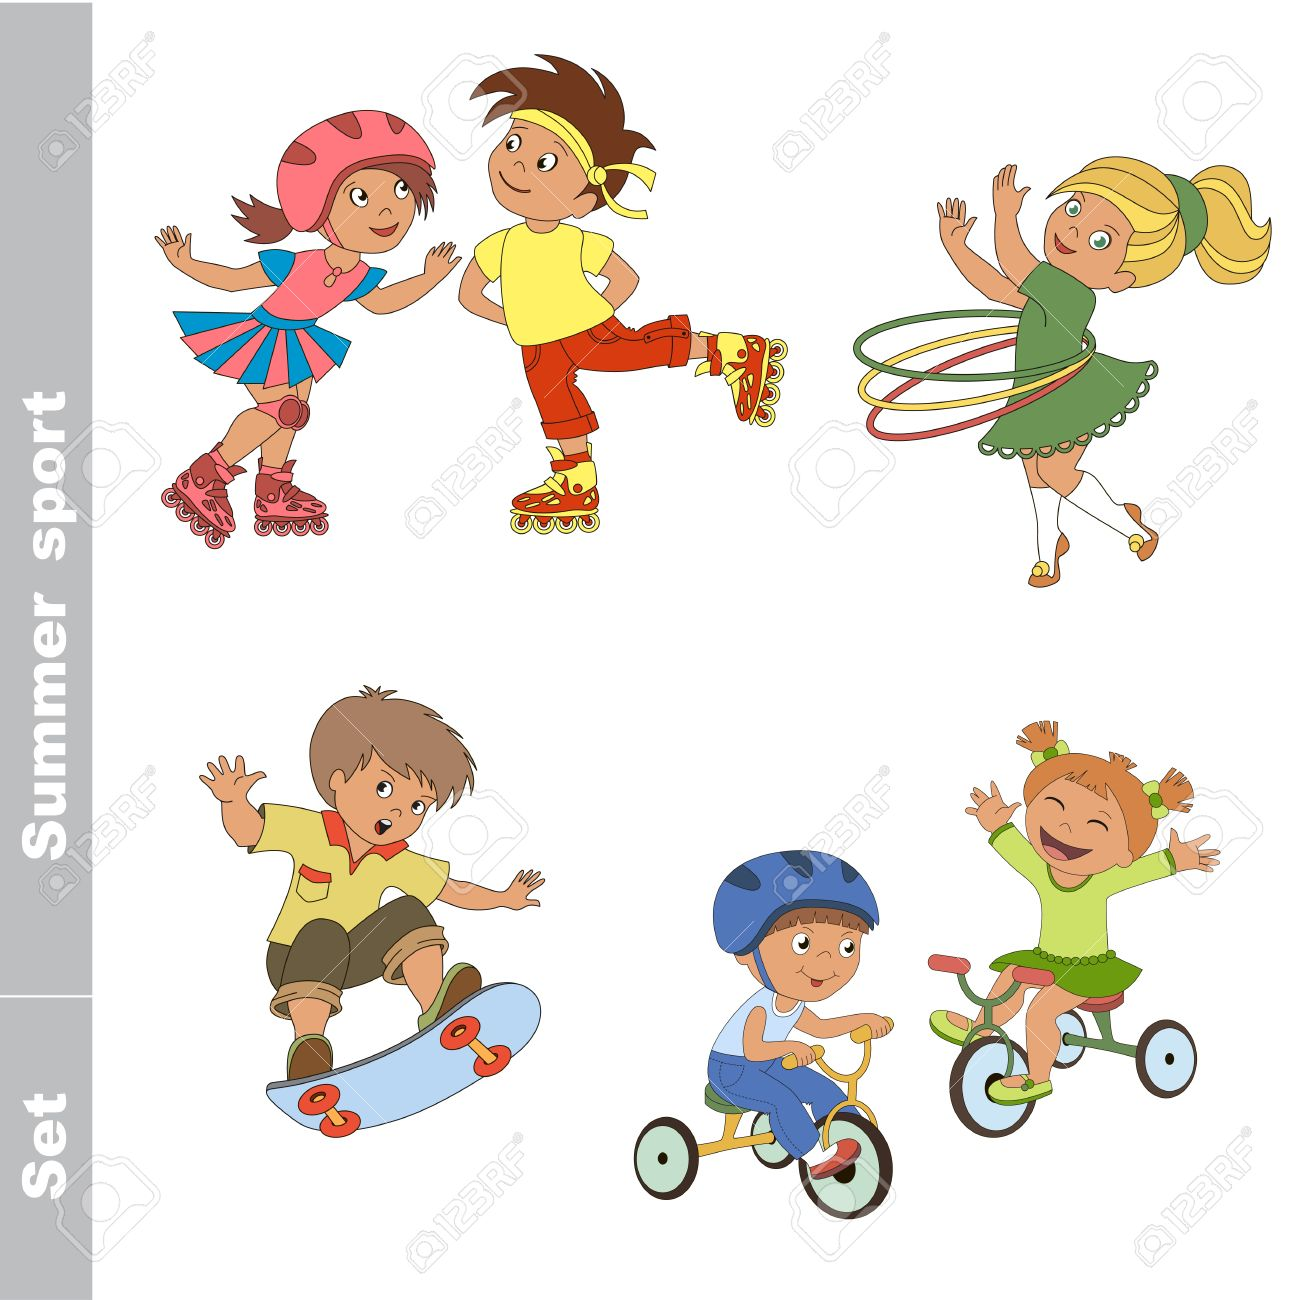 pas mal b9b94 0f869 Kid sports d'été réglé. Jeux d'enfants extérieurs. Bébé sports d'été.  Garçon et fille de patinage sur patins à roulettes. Garçon et fille faire  du ...